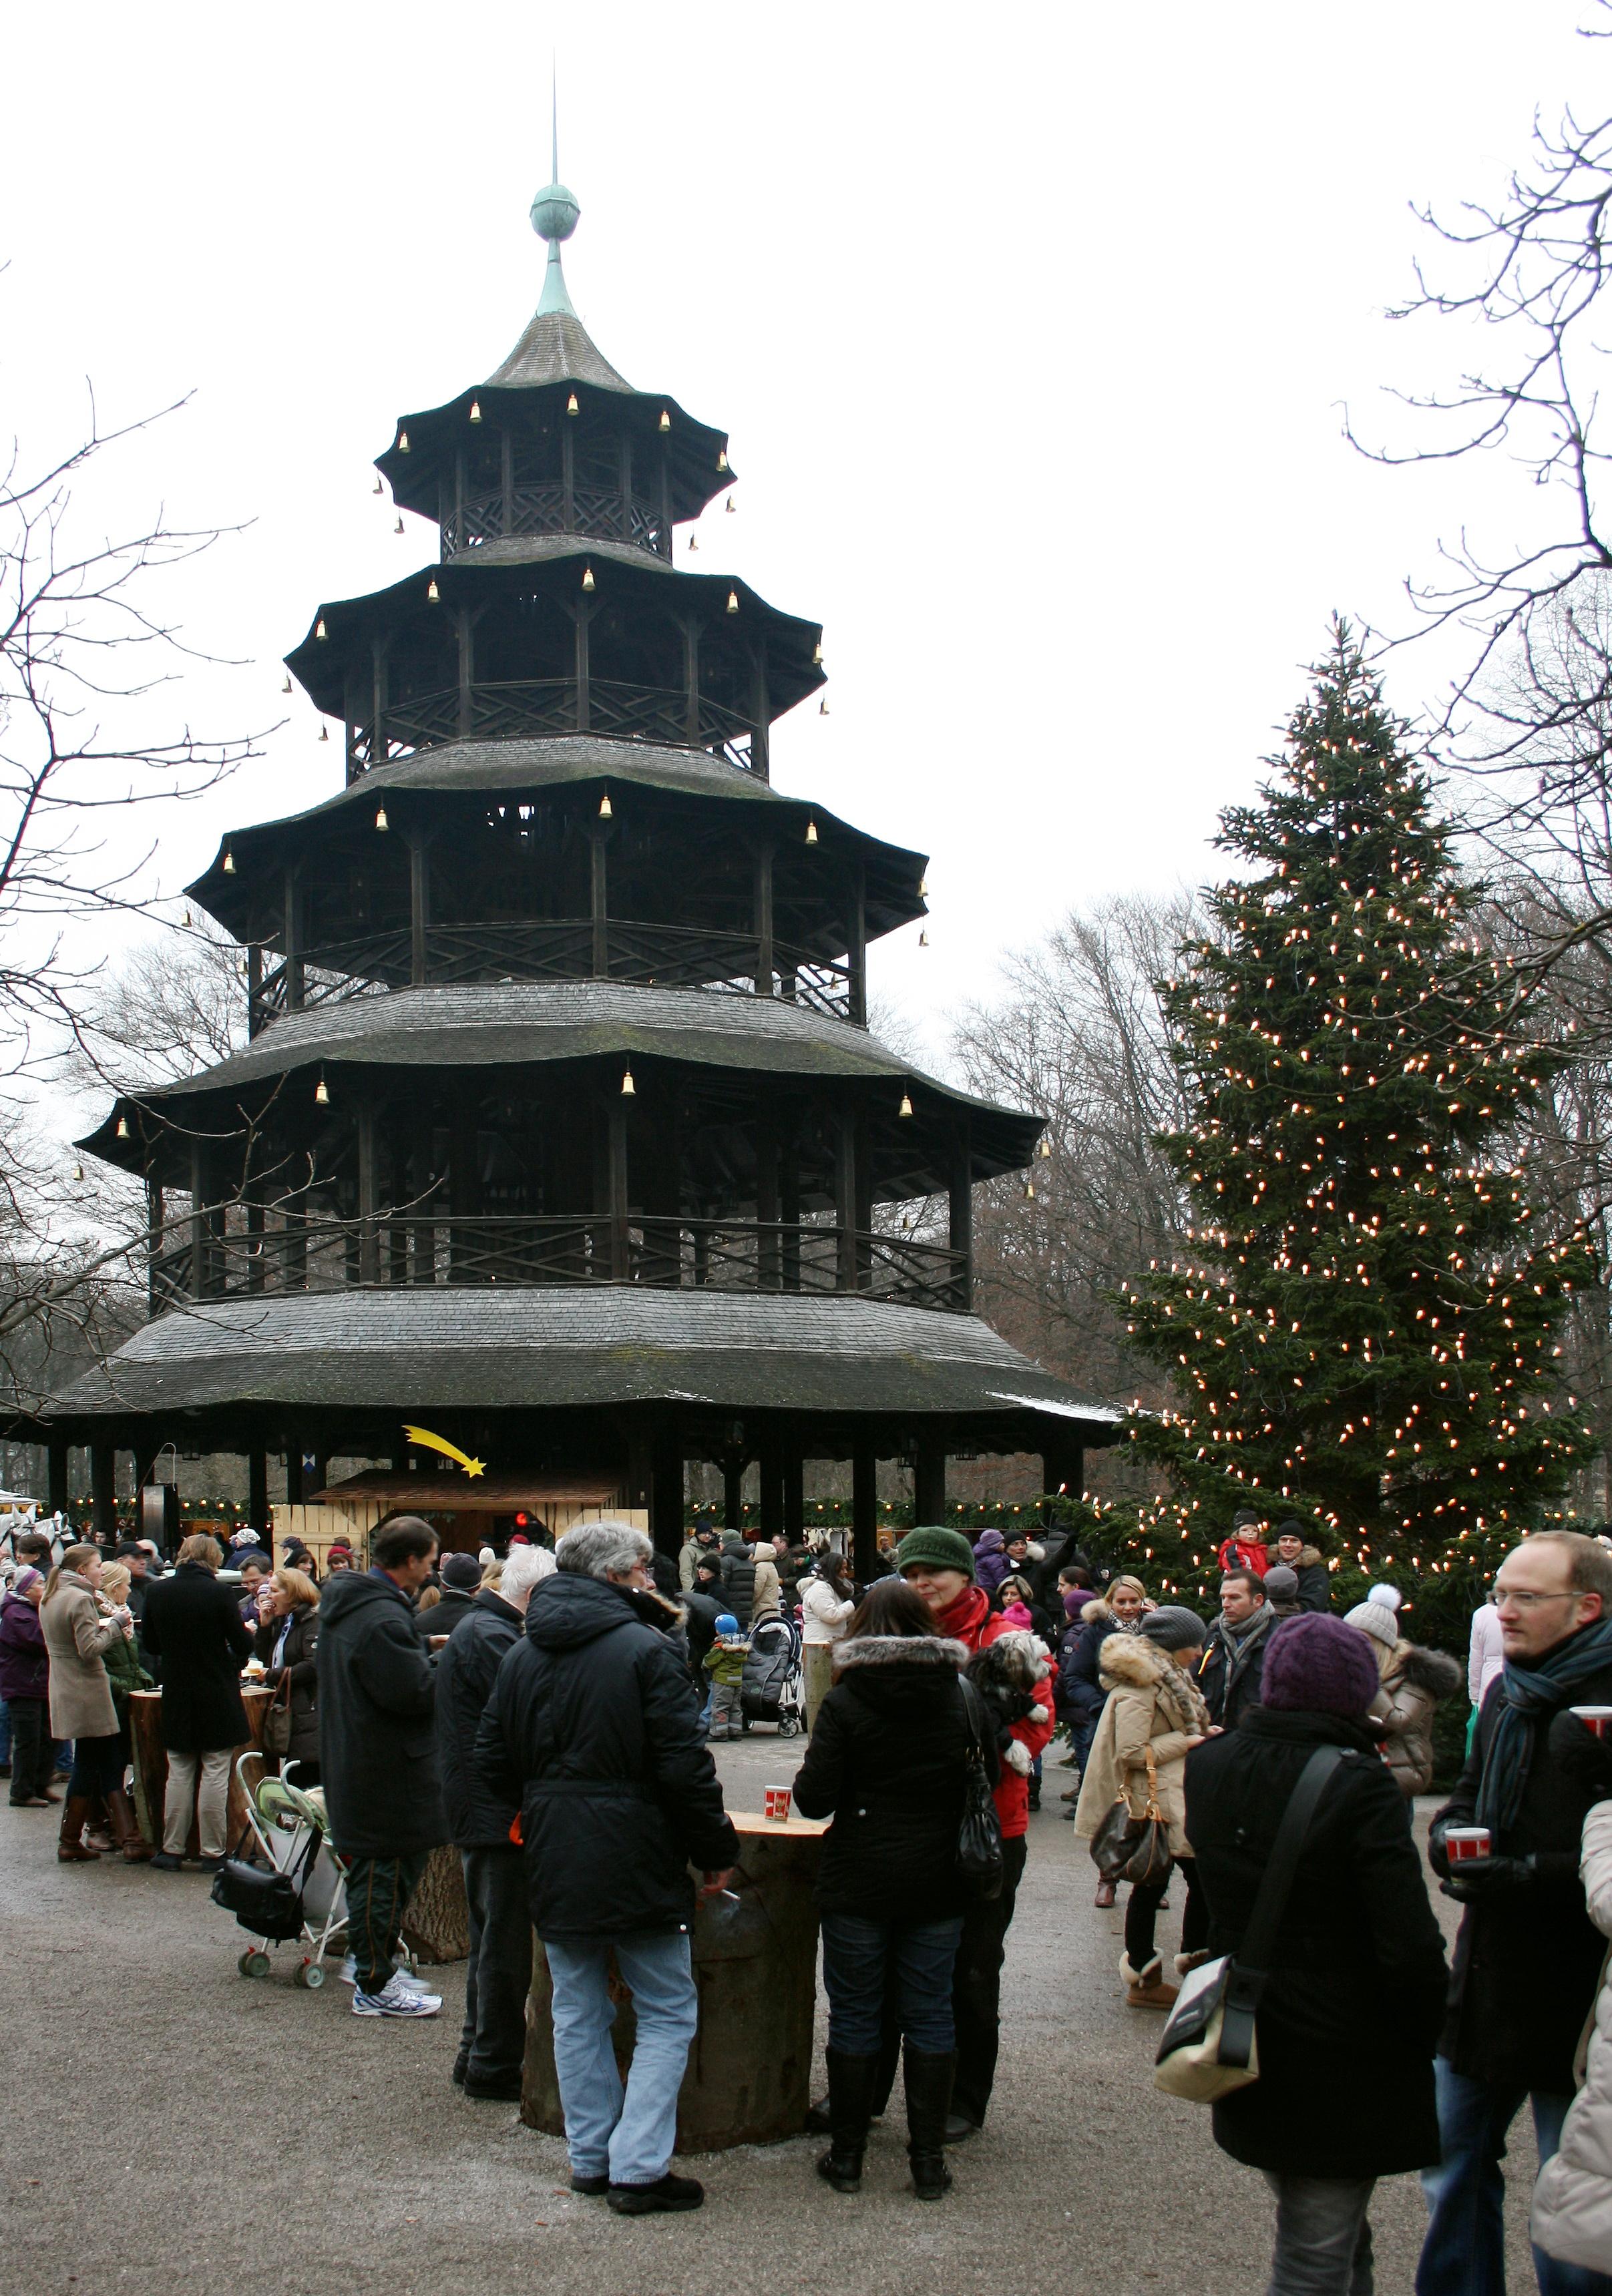 File:Chinesischer Turm Englischer Garten Muenchen Weihnachtsmarkt.JPG - Wikimedia Commons